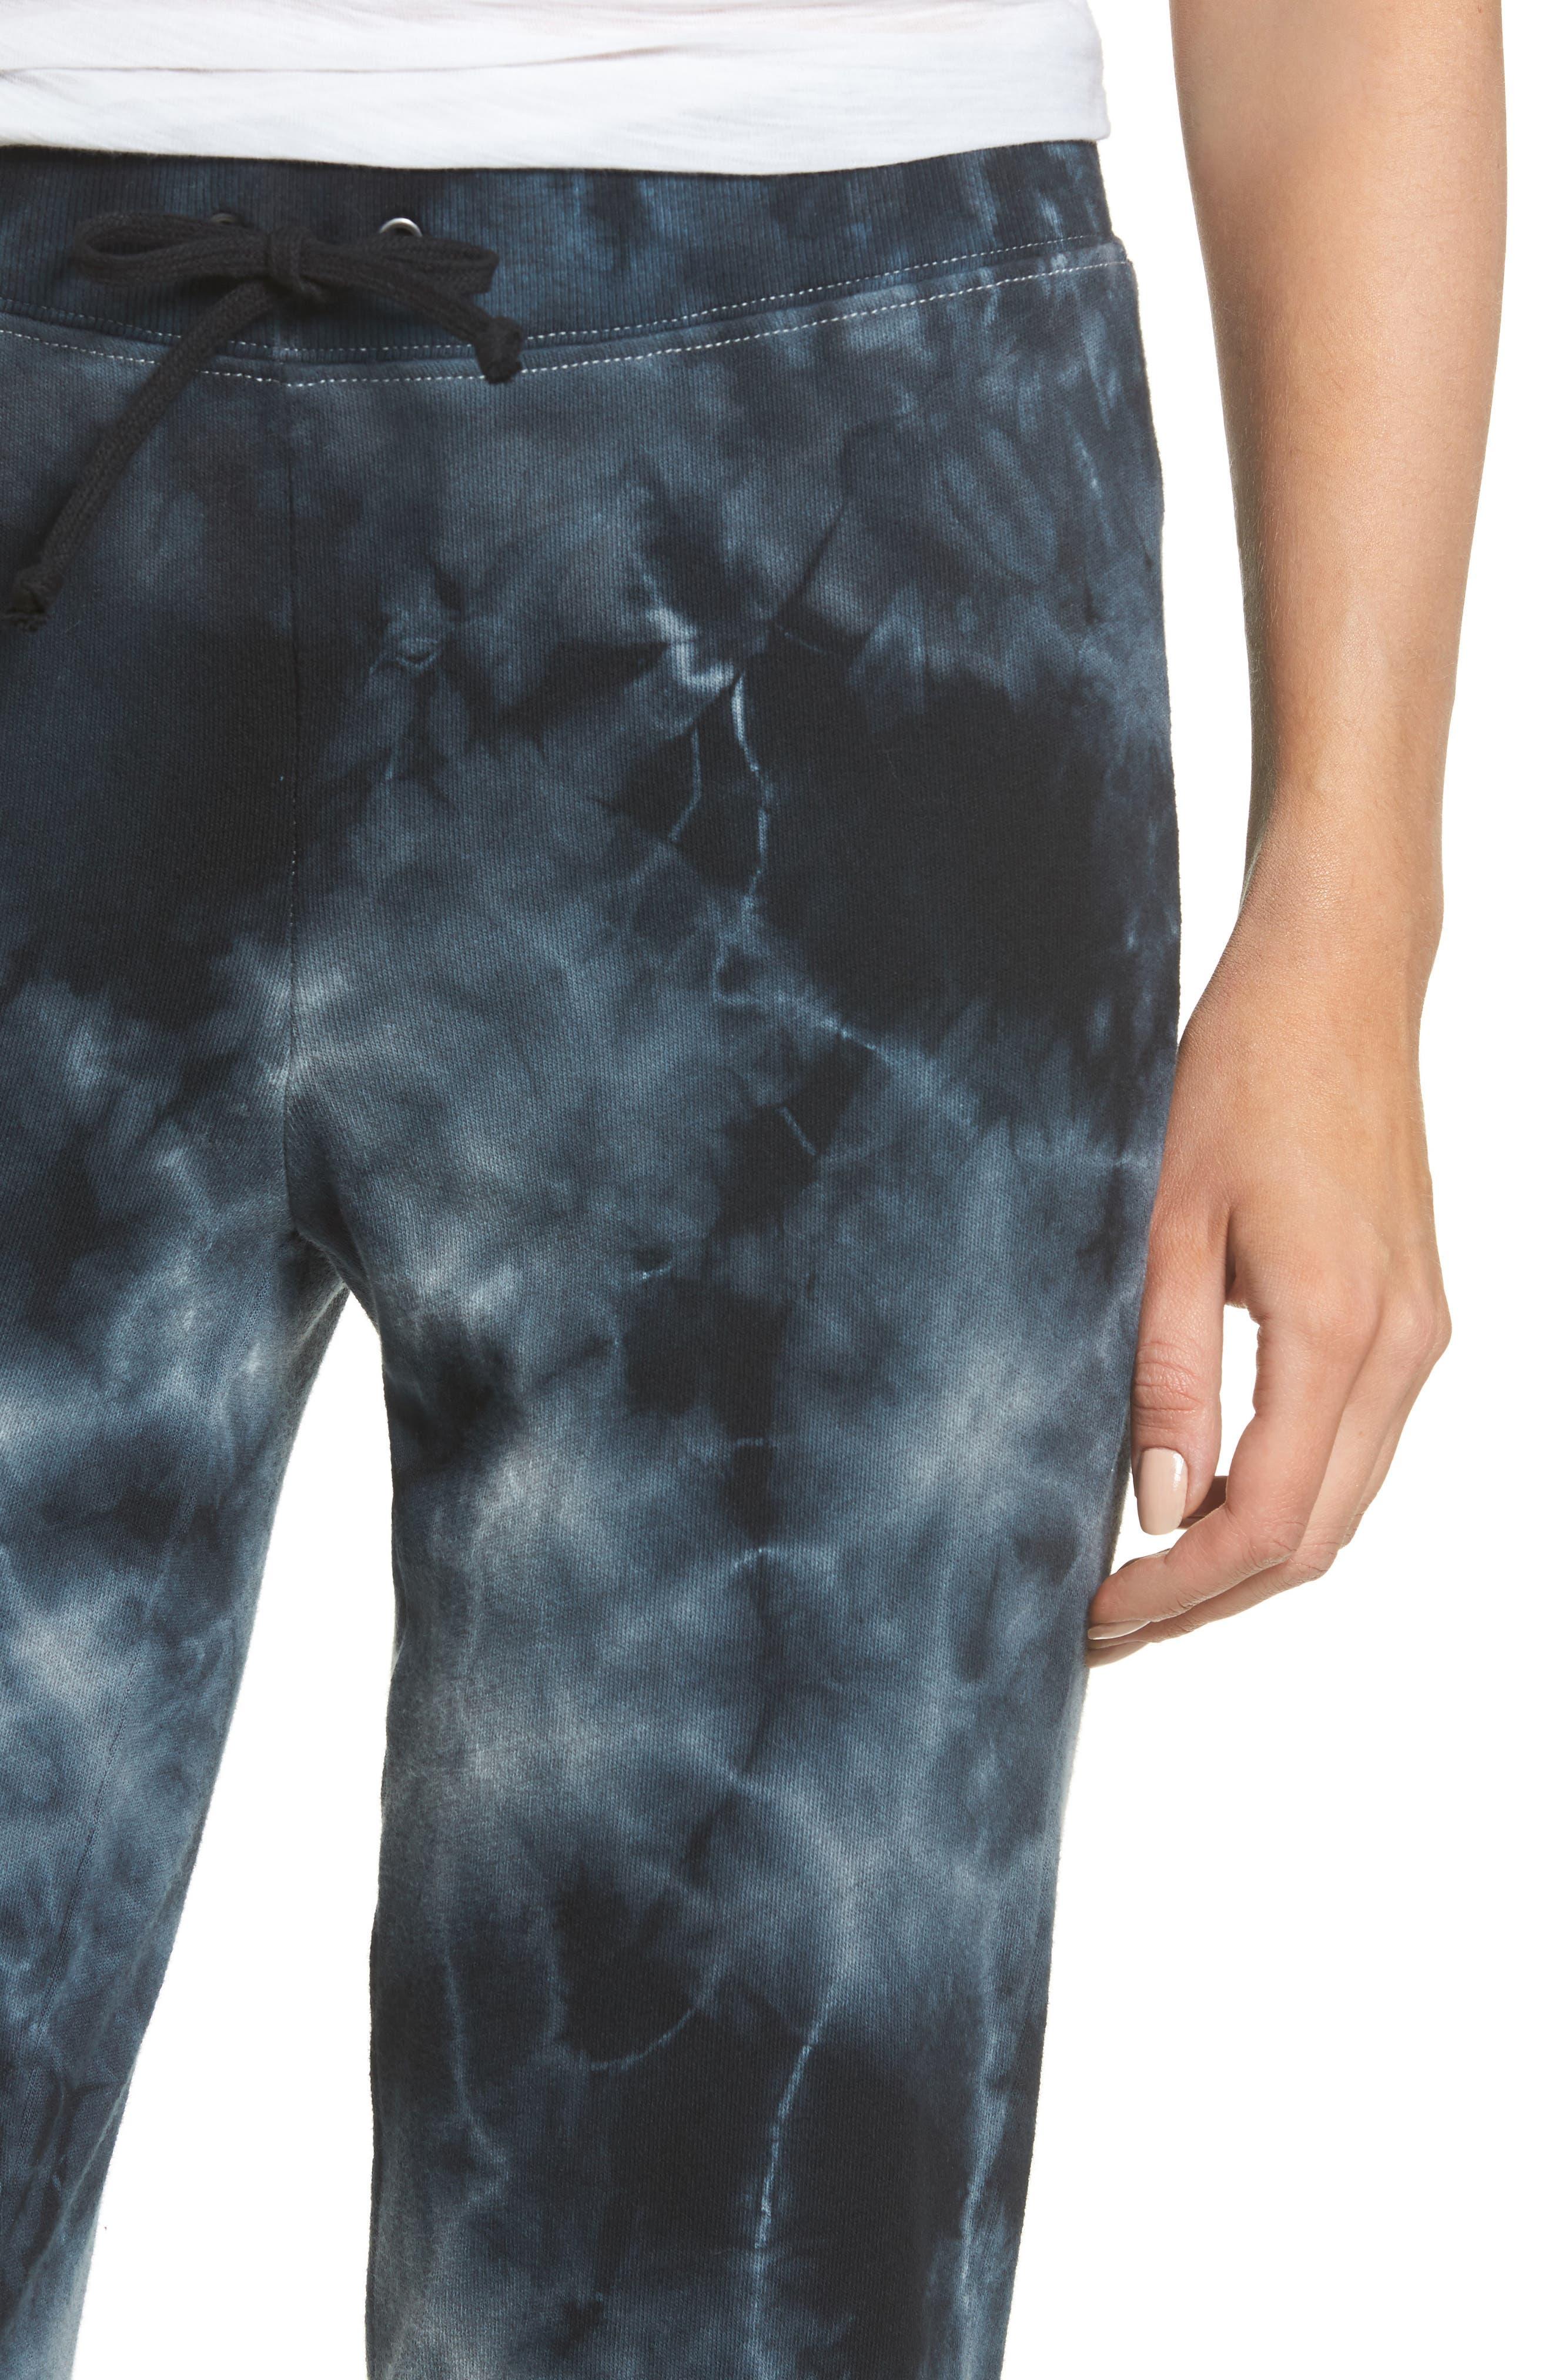 Tie Dye Knit Pants,                             Alternate thumbnail 4, color,                             Black/ Heather Grey Tie Dye